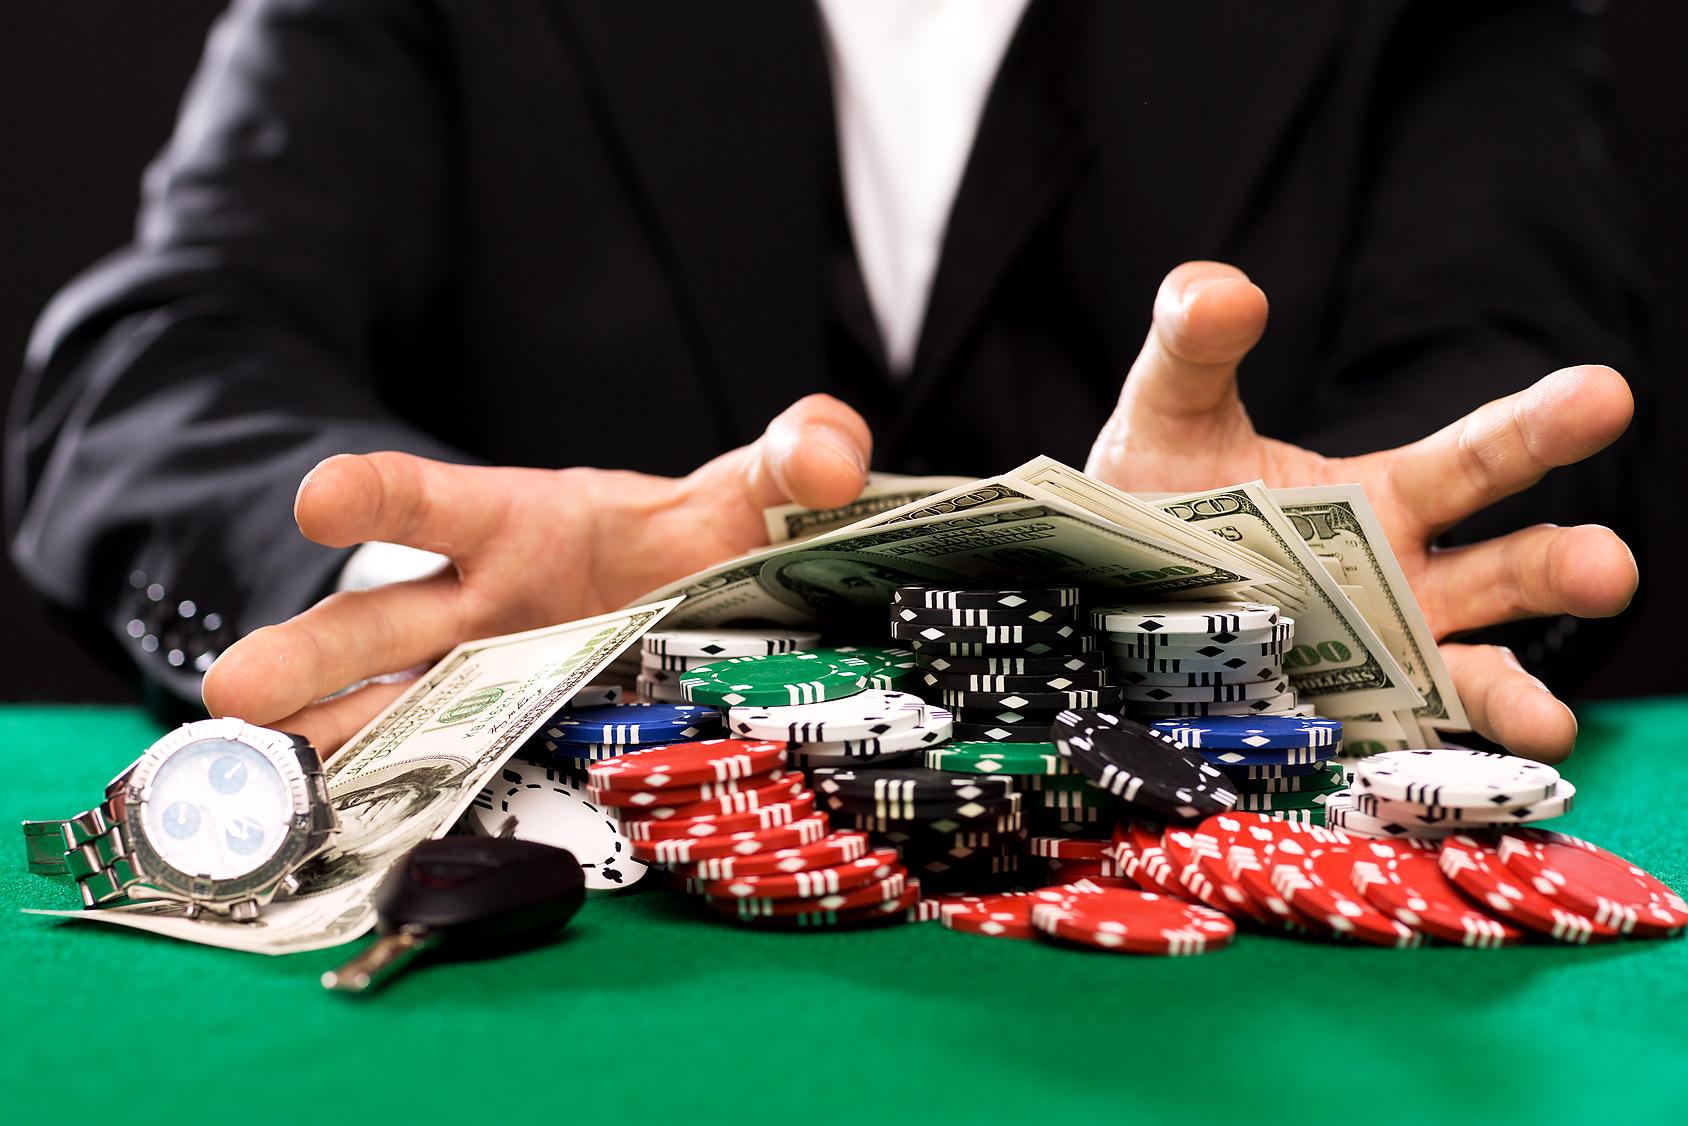 5 шокирующих пари азартных игроков - Моя газета | Моя газета